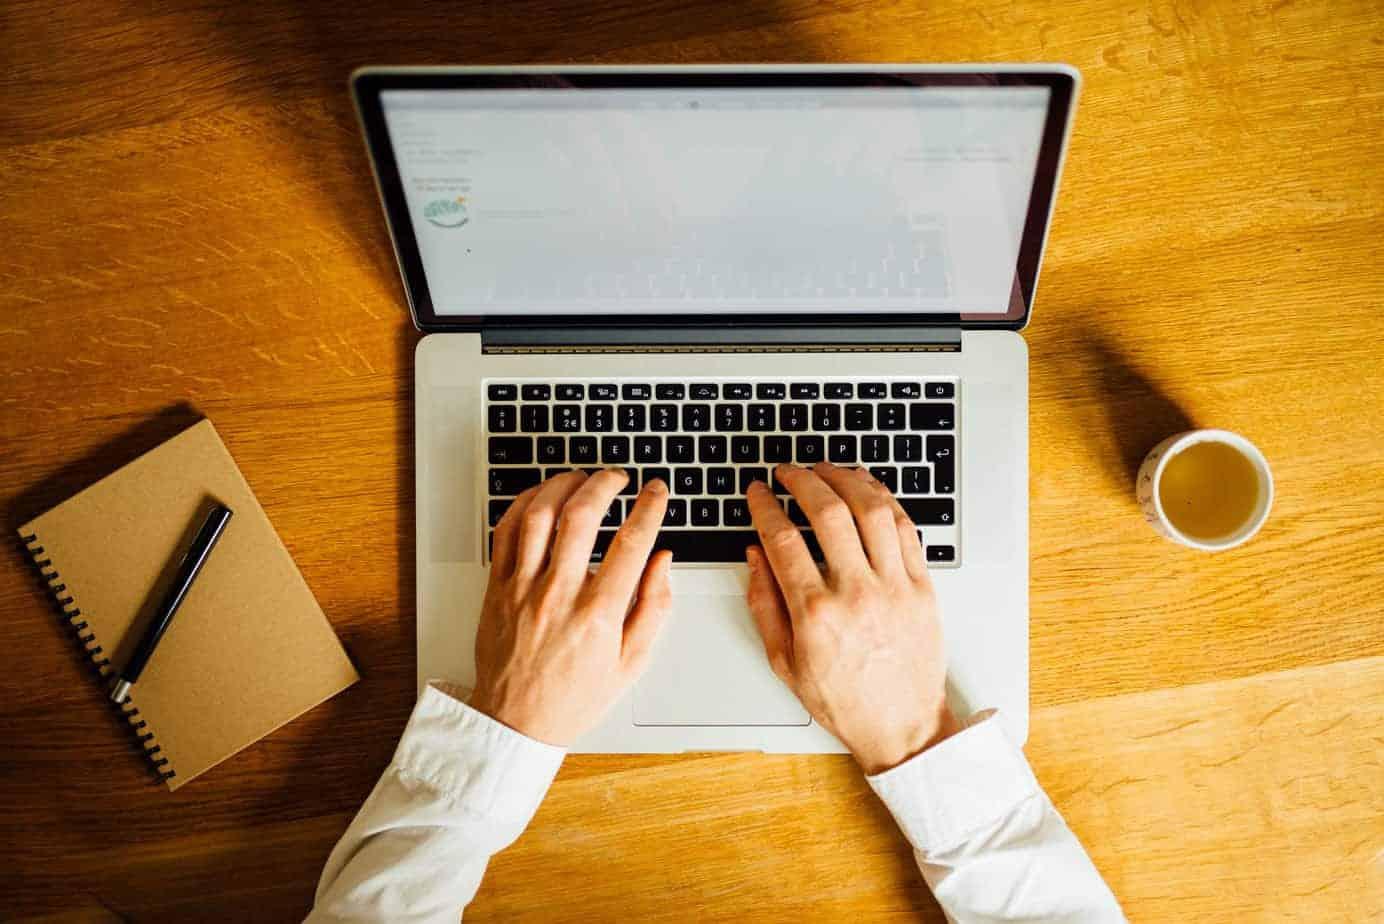 Online coaching vanuit thuis: Een openstaande laptop met handen die aan het tikken zijn, op een houten tafel met een notitieboekje en kop thee.